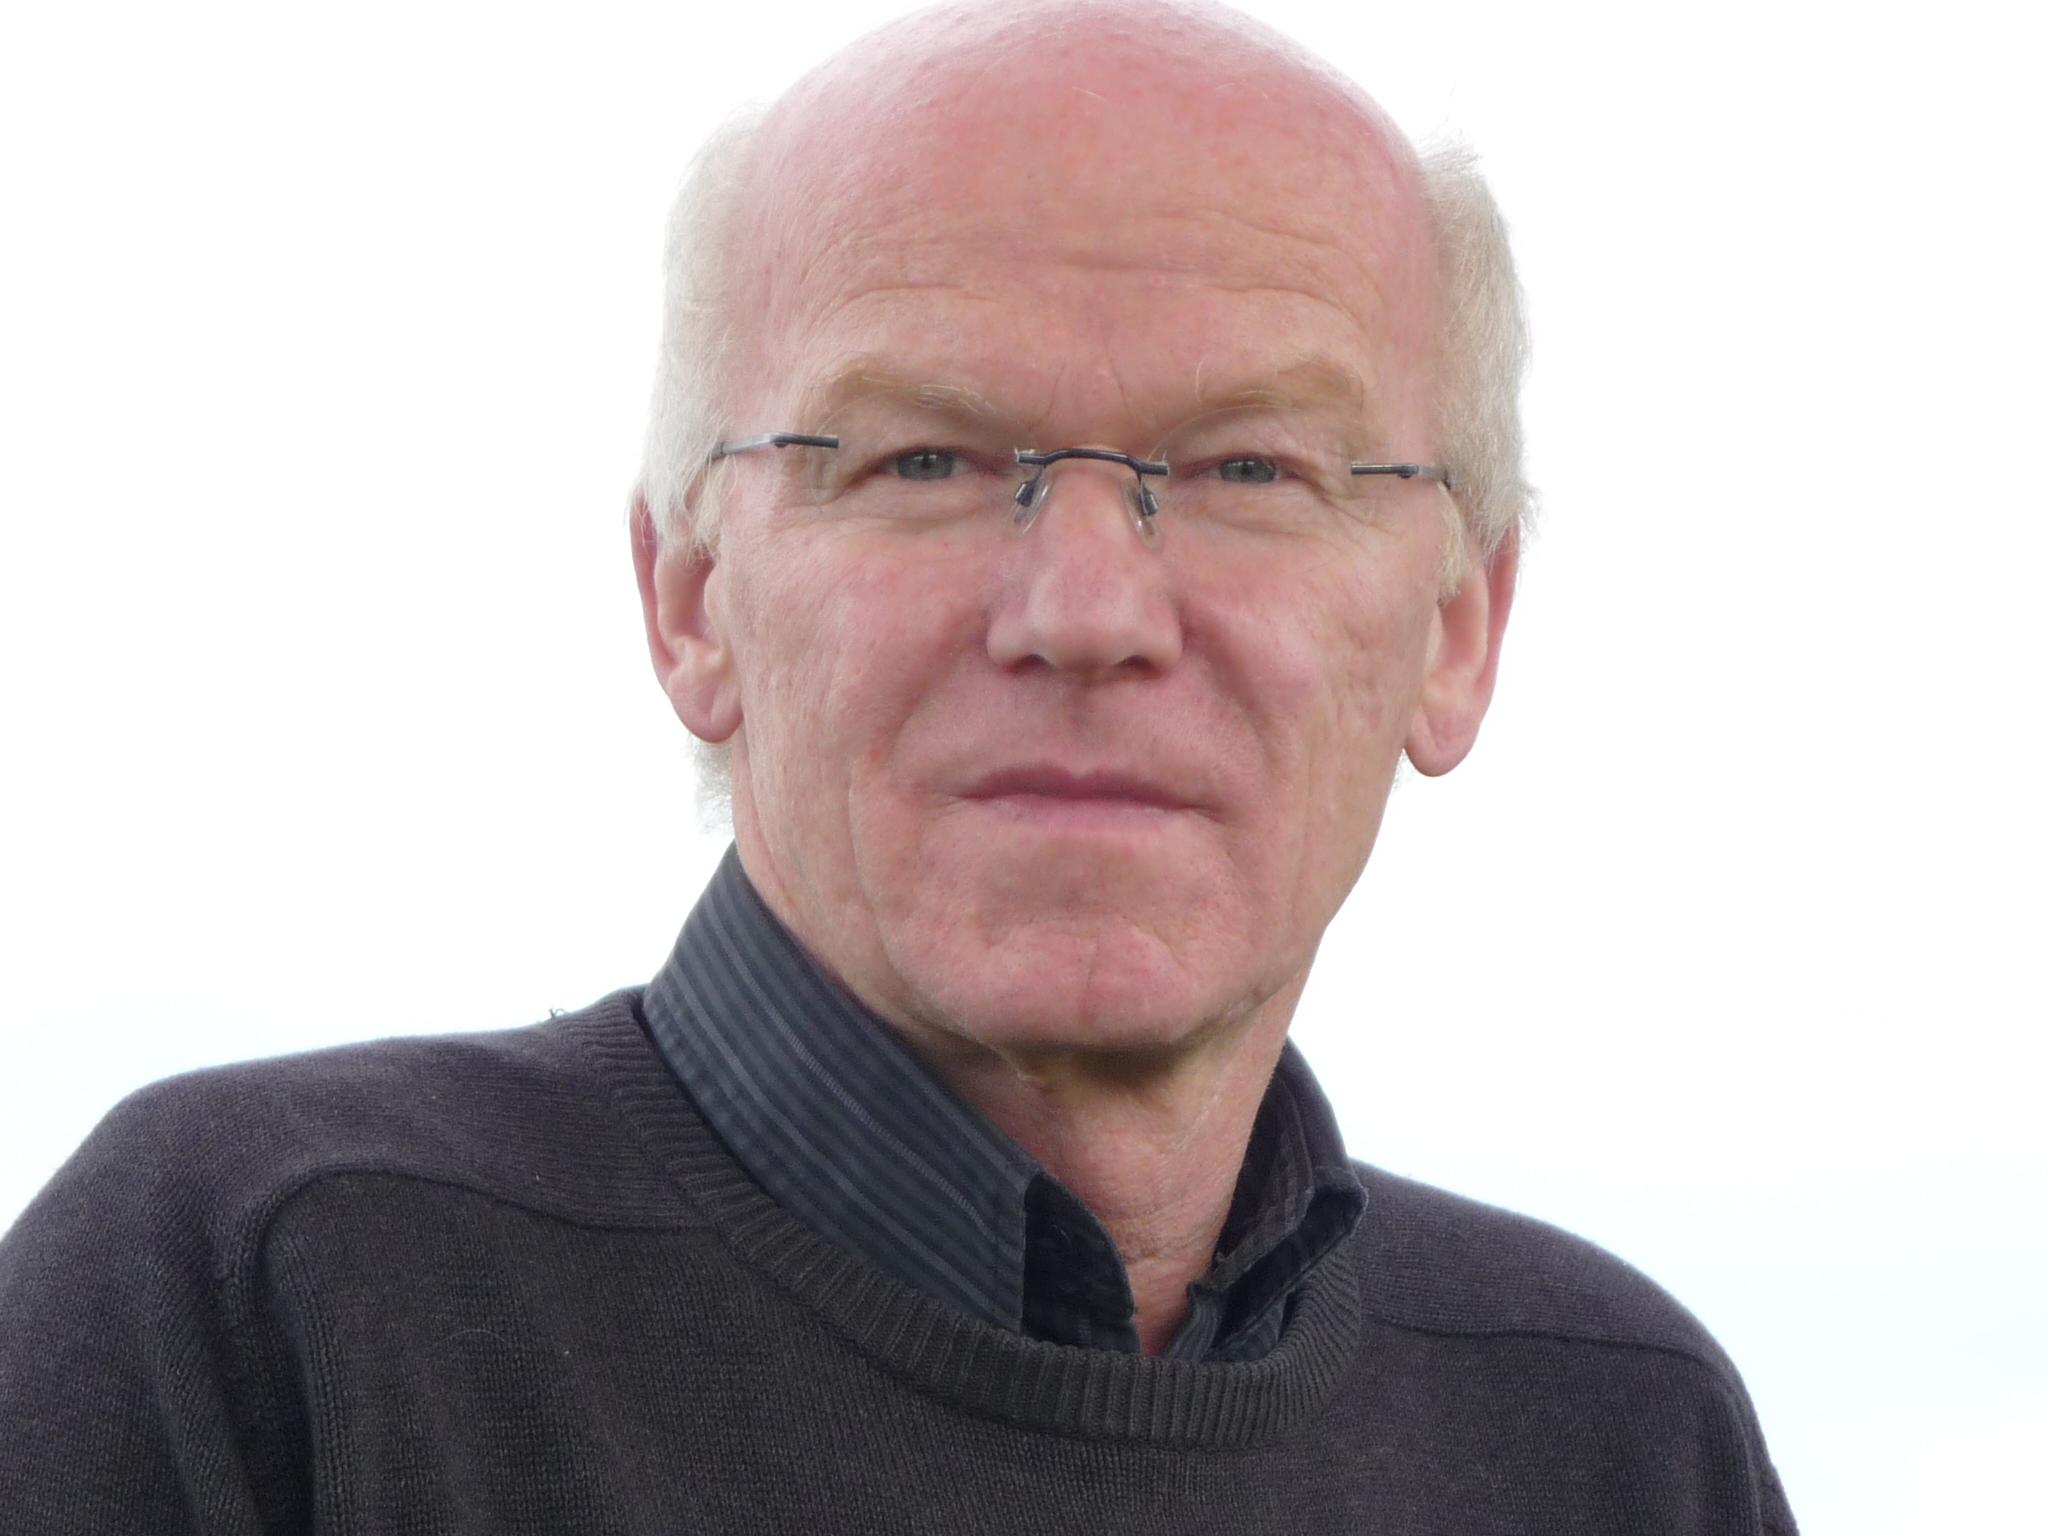 DI Wolfgang Rescheneder ist ehem. Leiter der Zukunftsakademie des Landes Oberösterreich und beschäftigt sich seit Jahren mit den Themen Nachhaltigkeit und Zukunft.